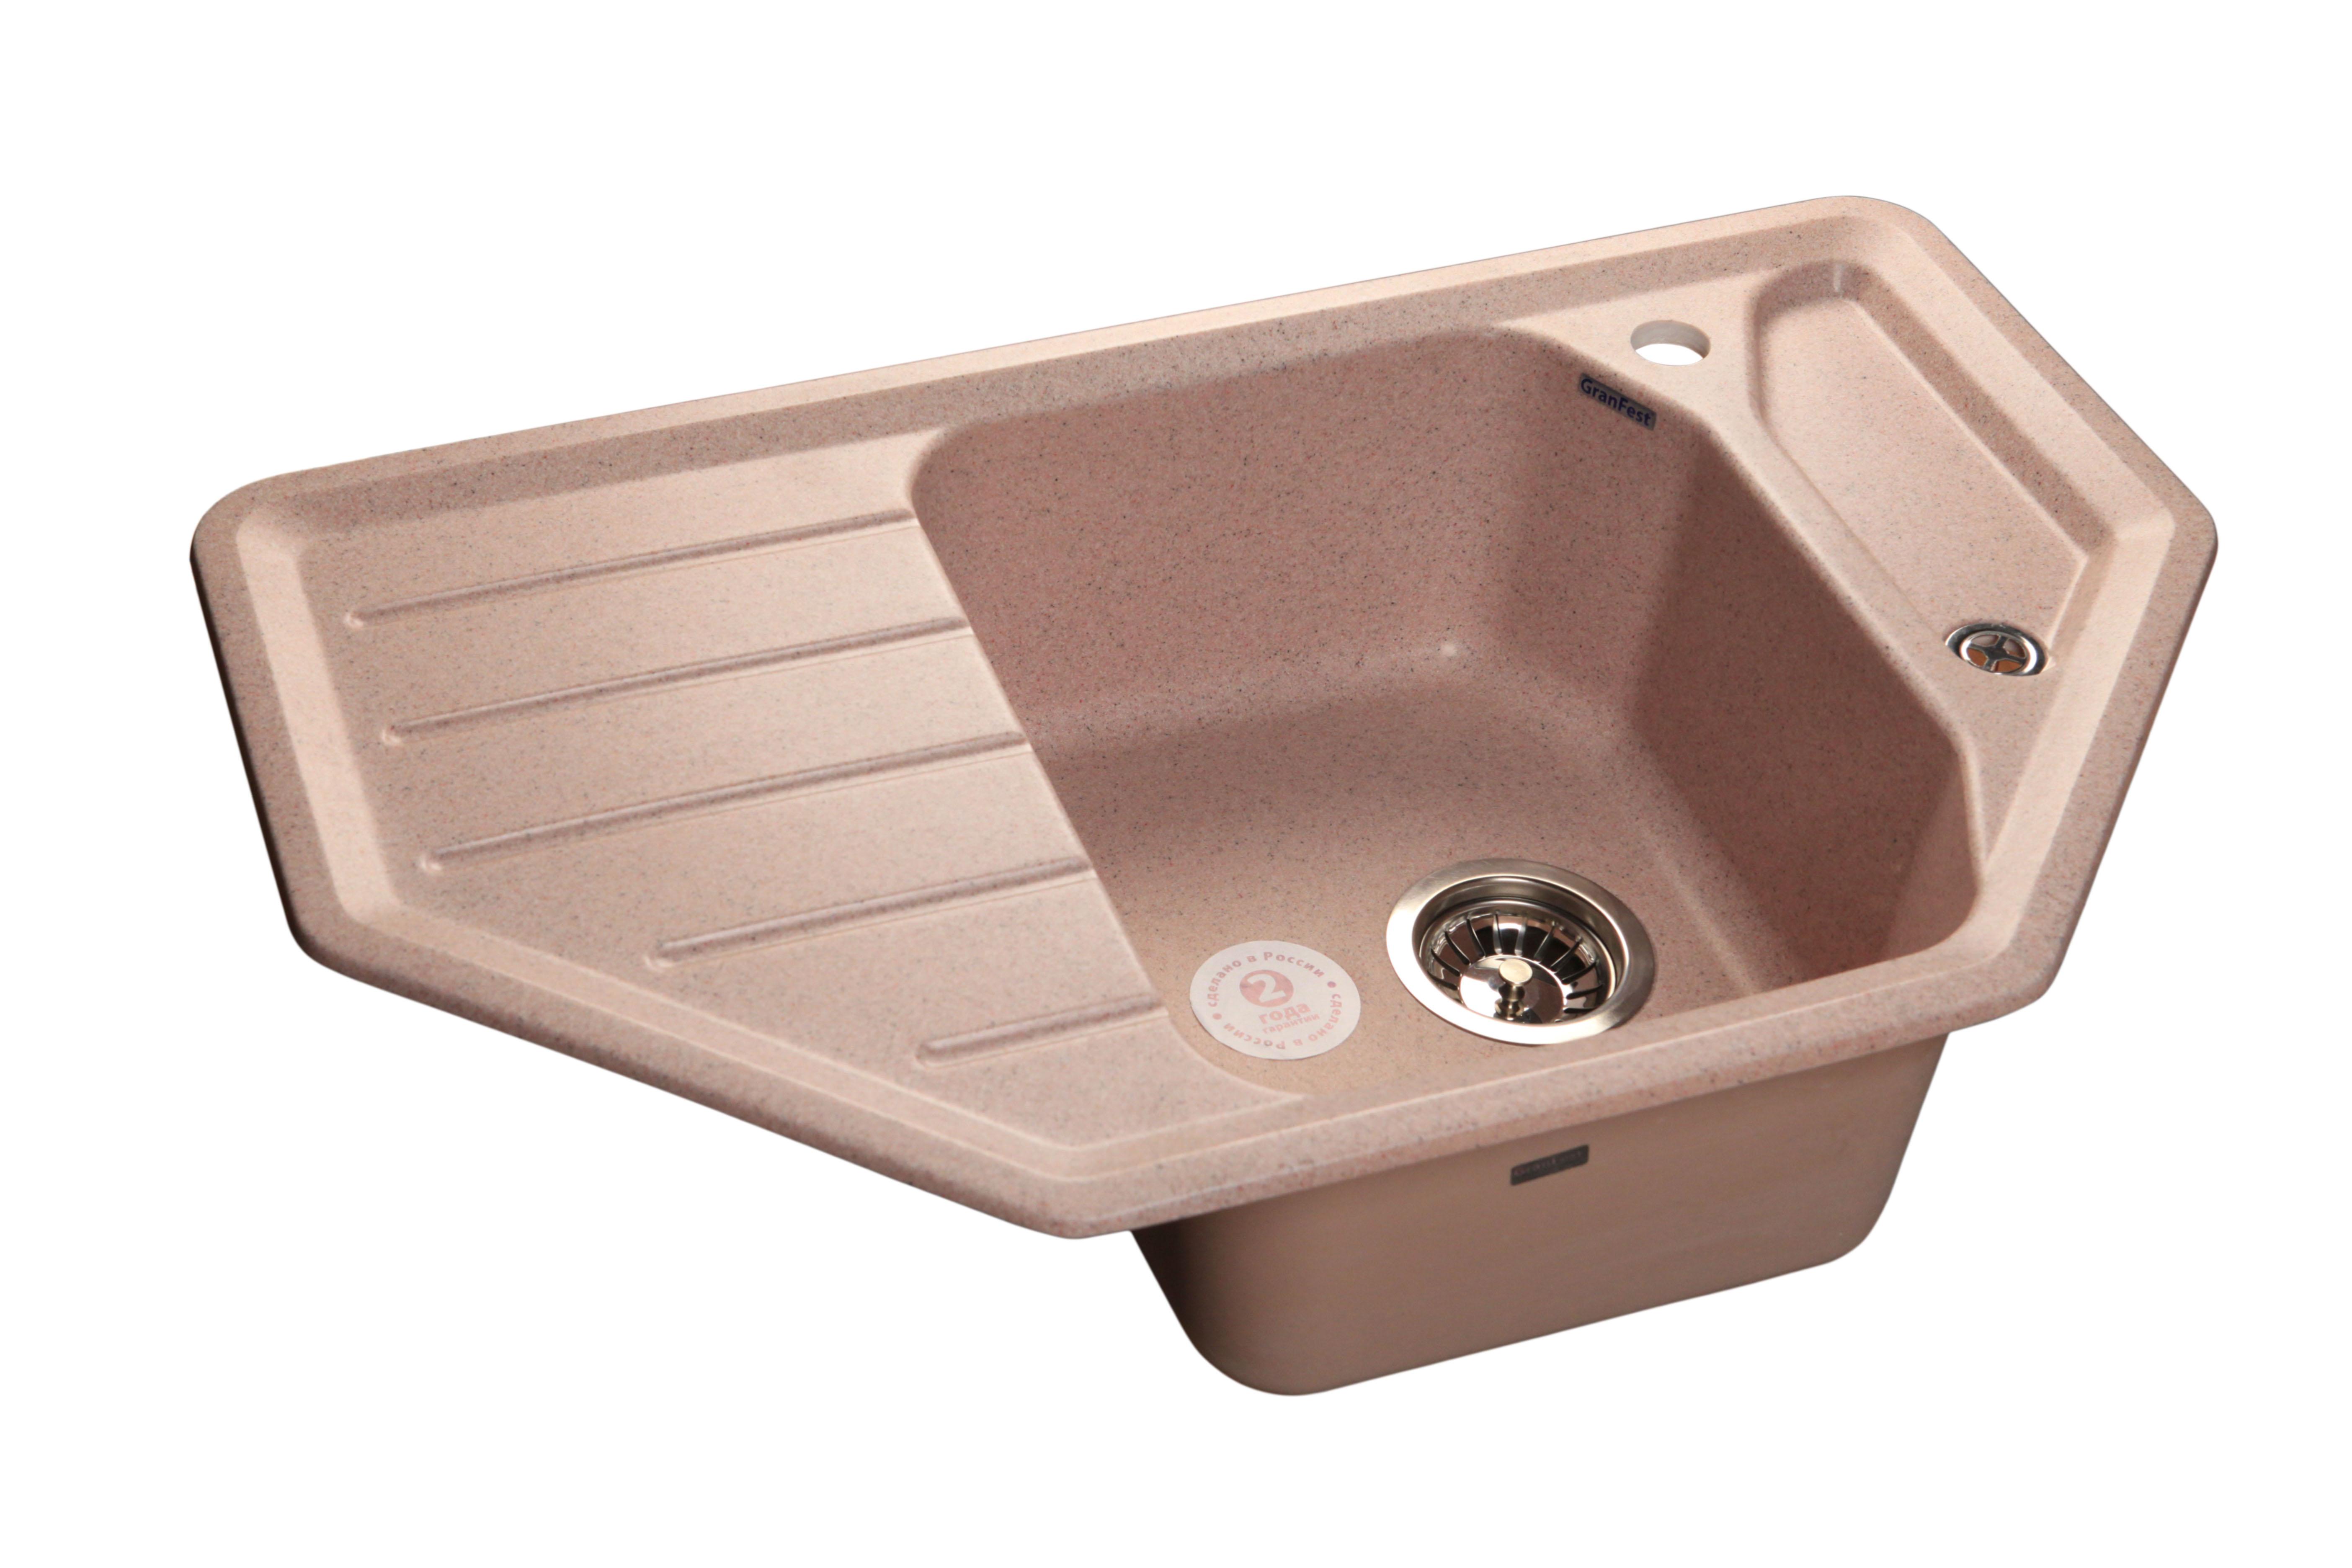 Мойка для кухни  GranFest Corner  GF-C800E цвет Розовый